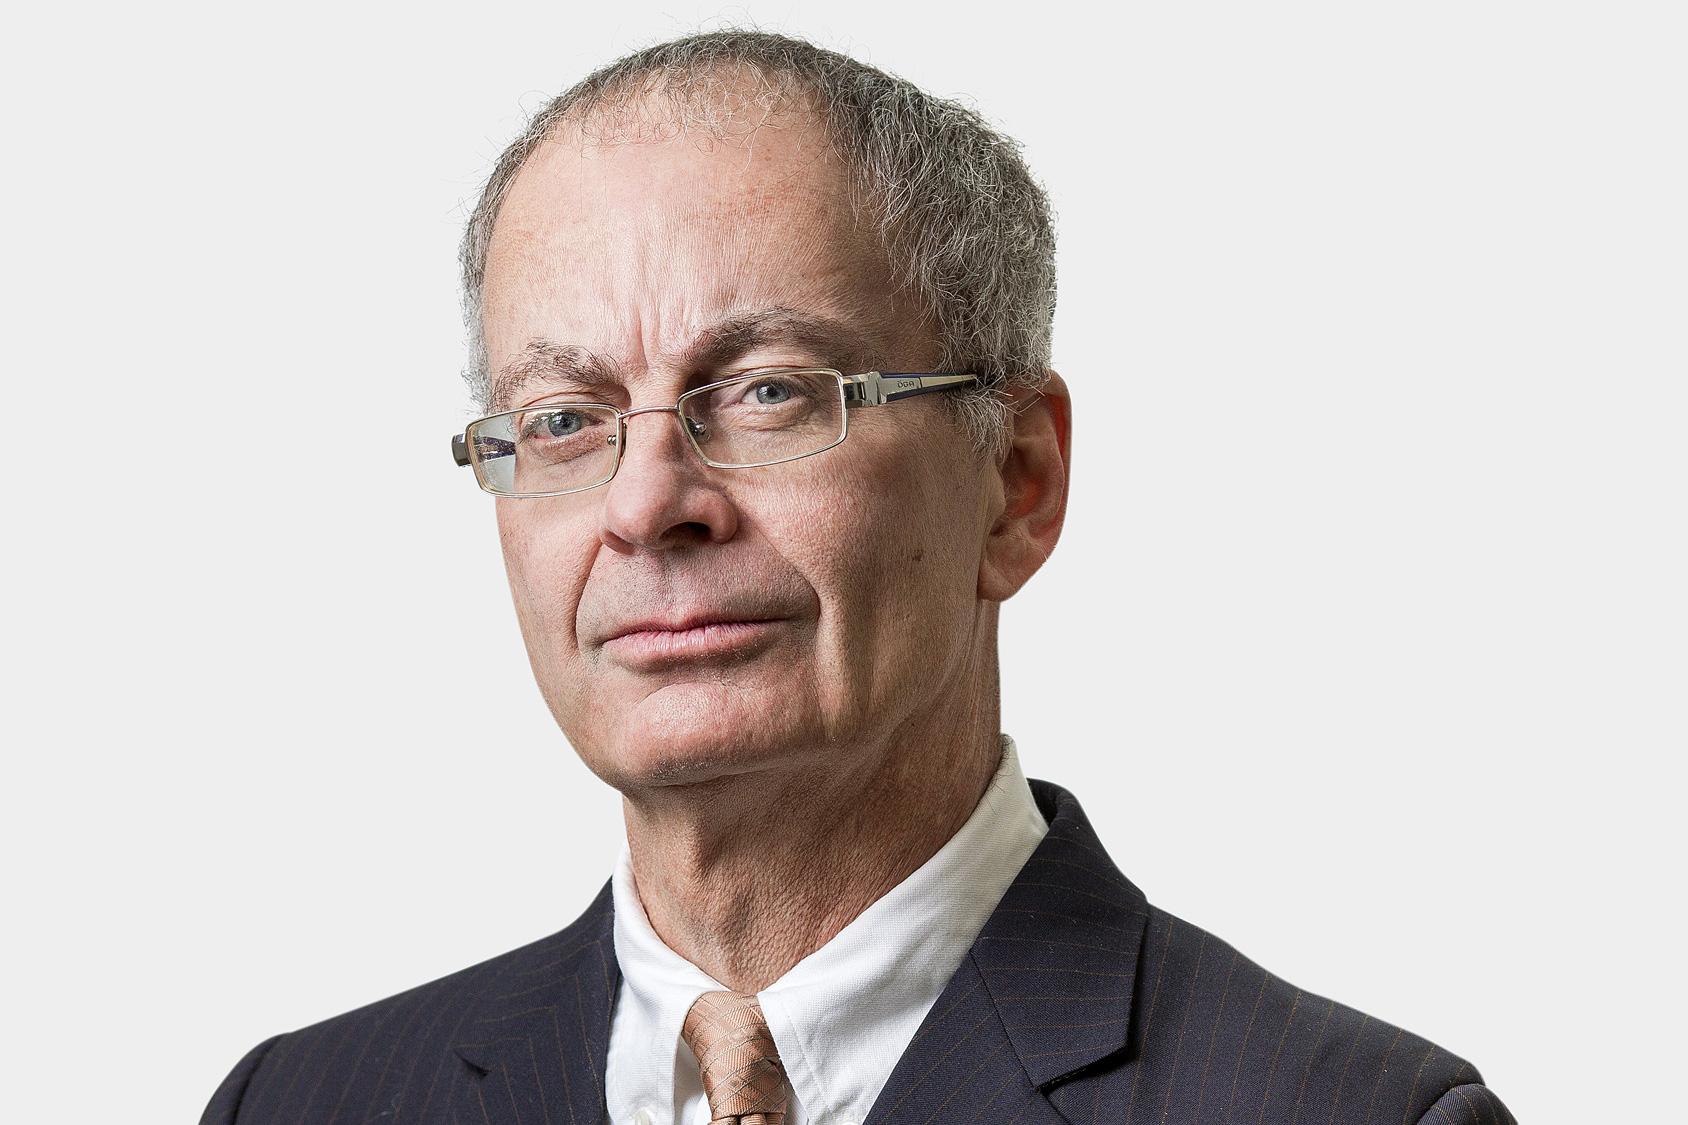 Eric Duhatschek